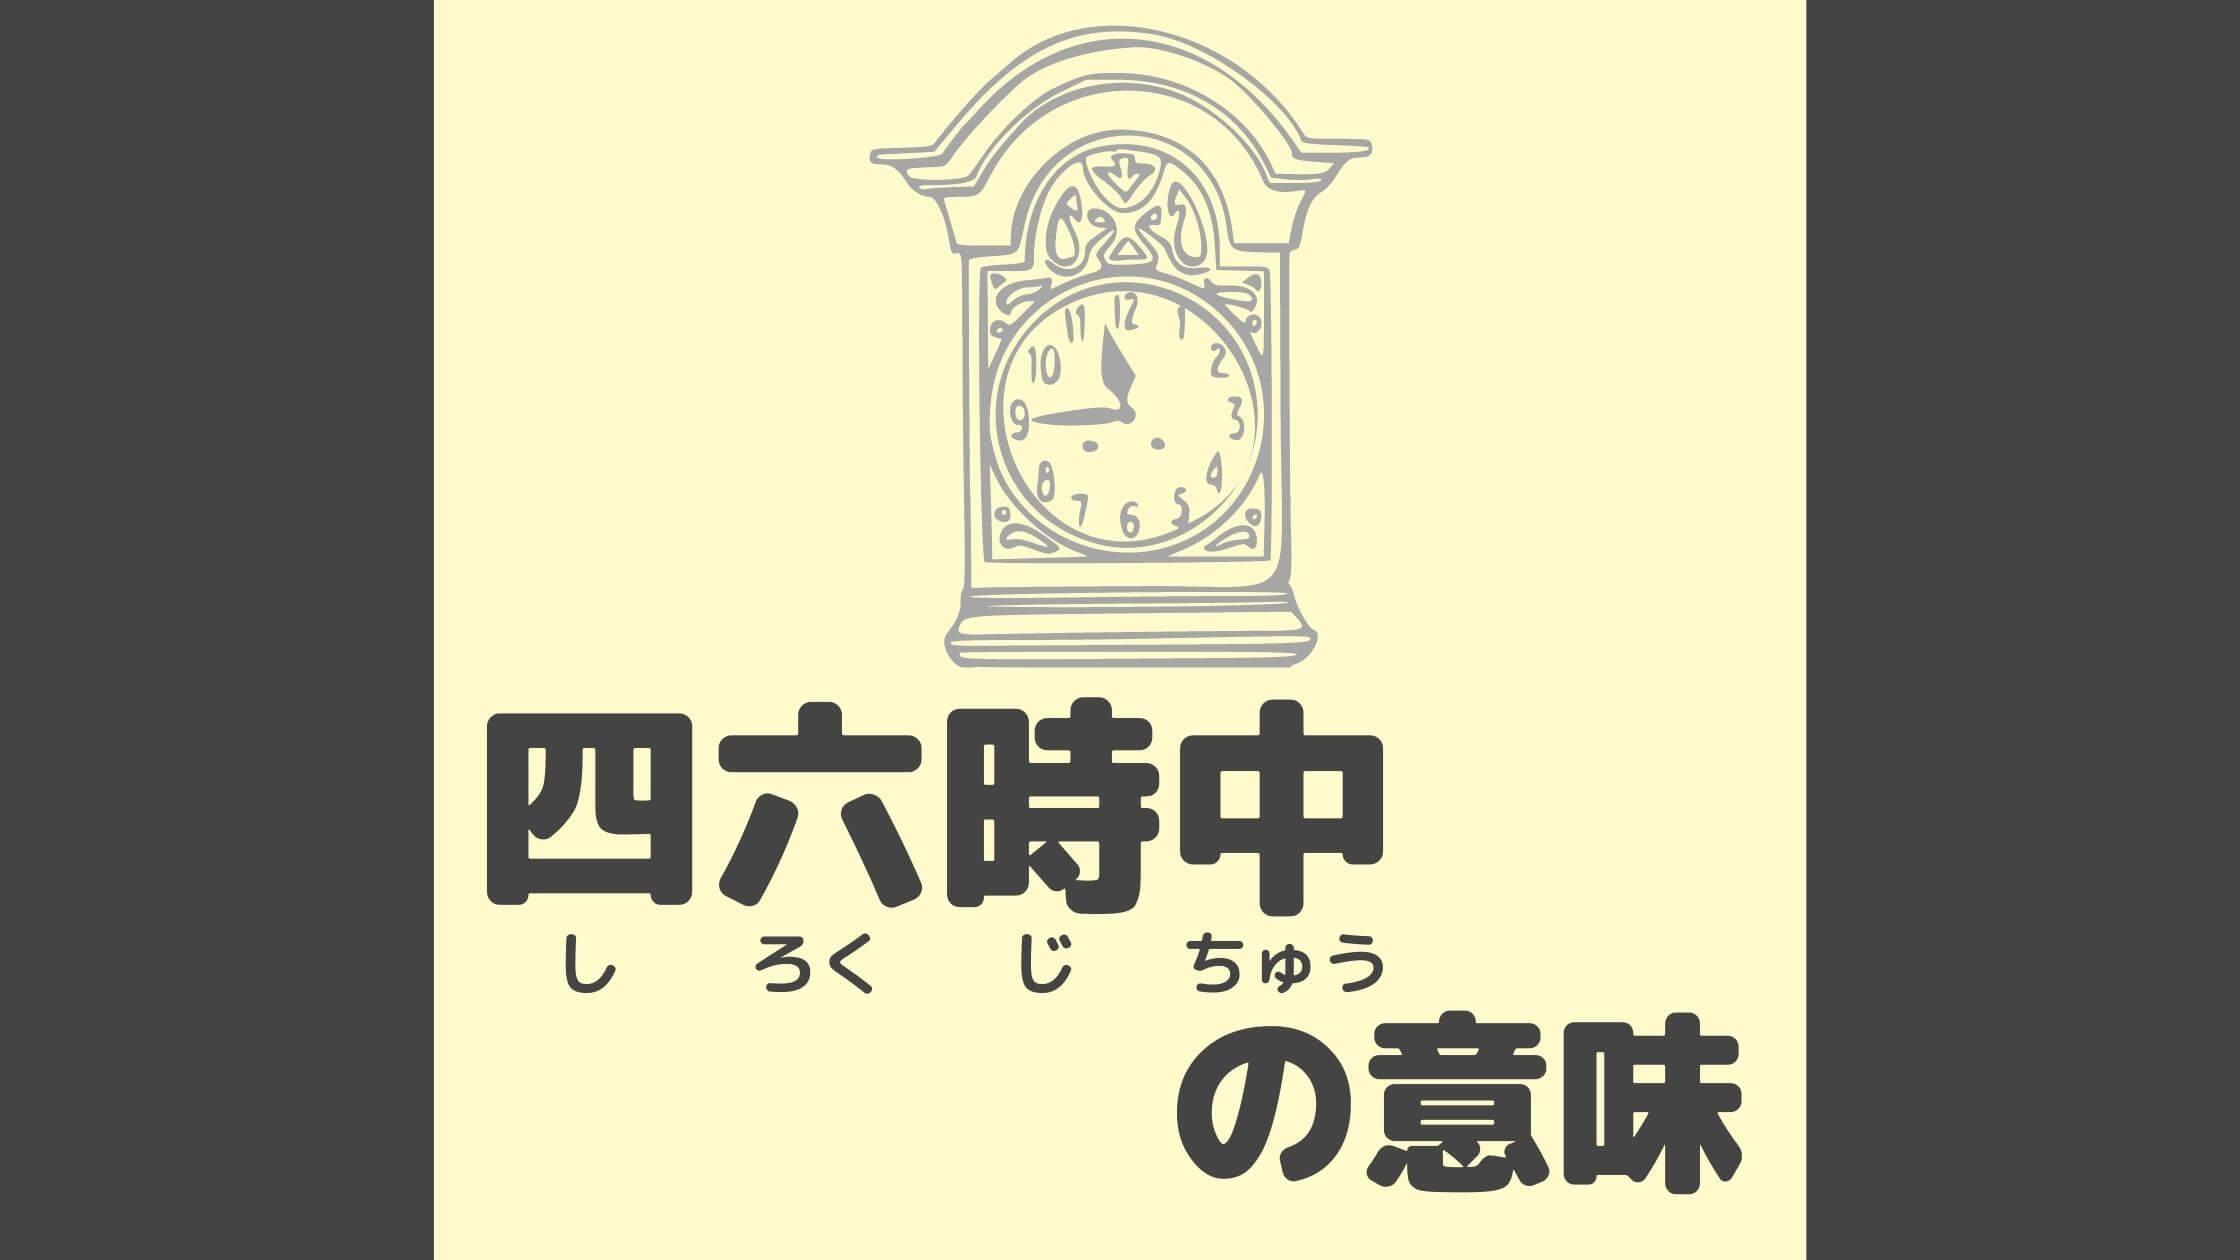 四六時中の意味と語源